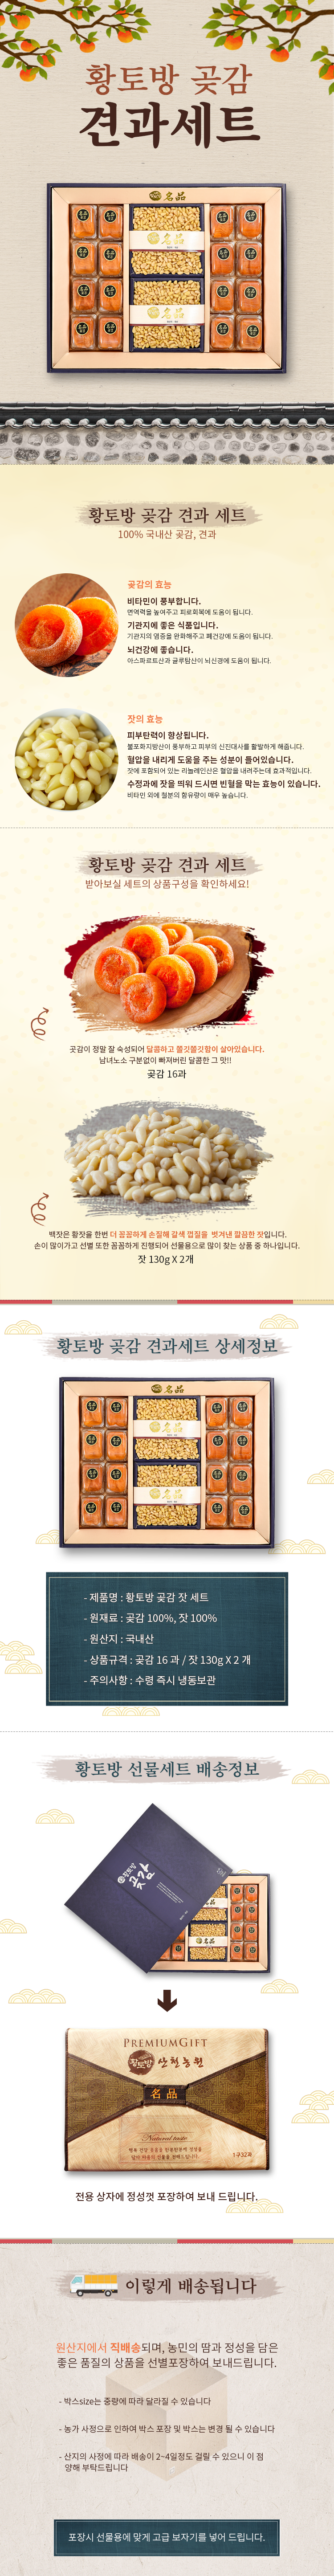 황토방 곶감 상품설명